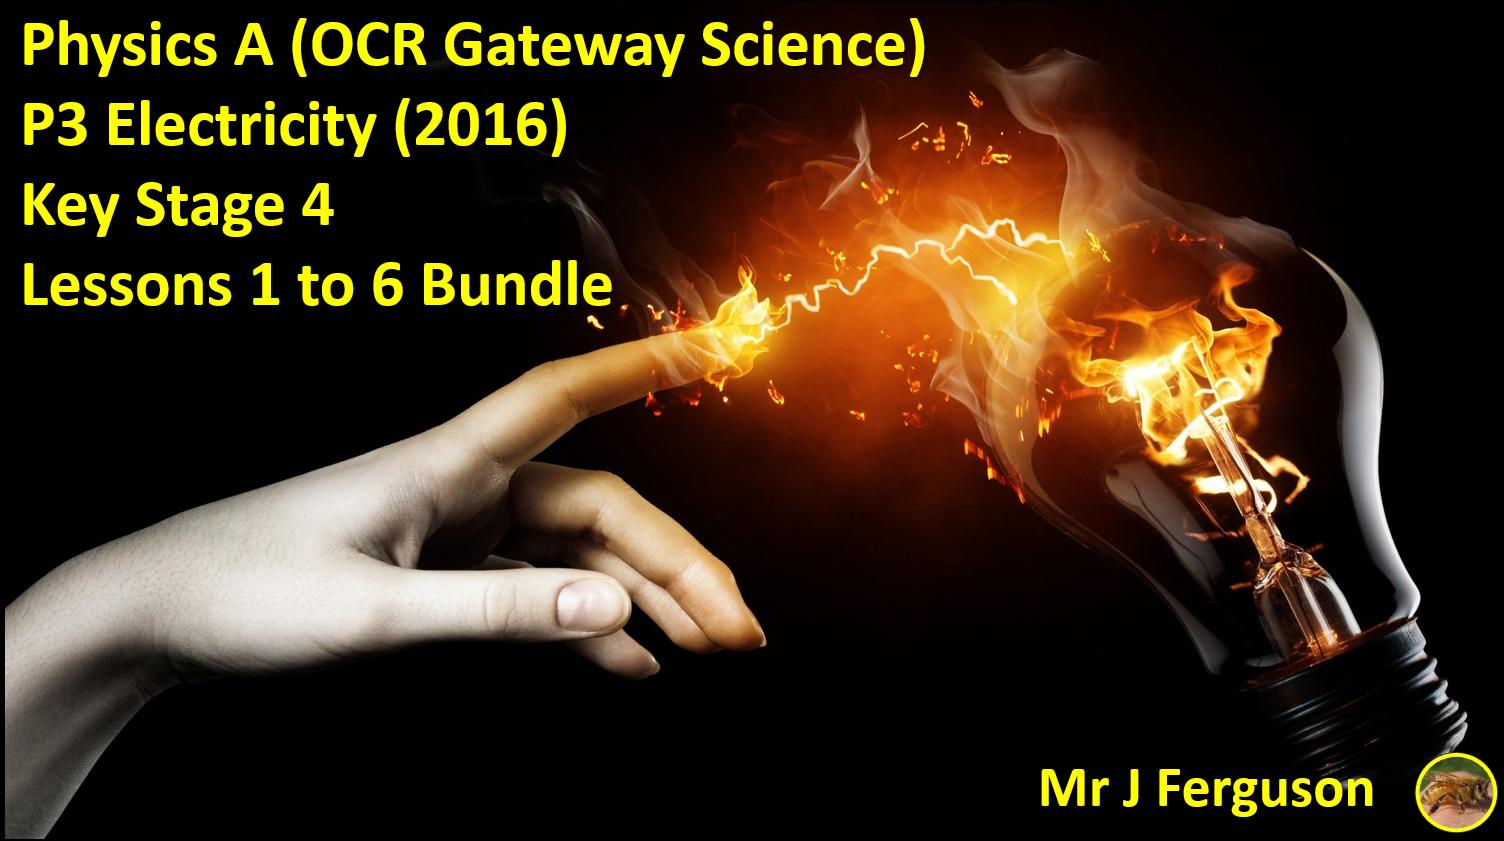 P3 Electricity 2016 OCR Physics A 2016 Bundle (Lesson 1 - 6) ENTIRE UNIT